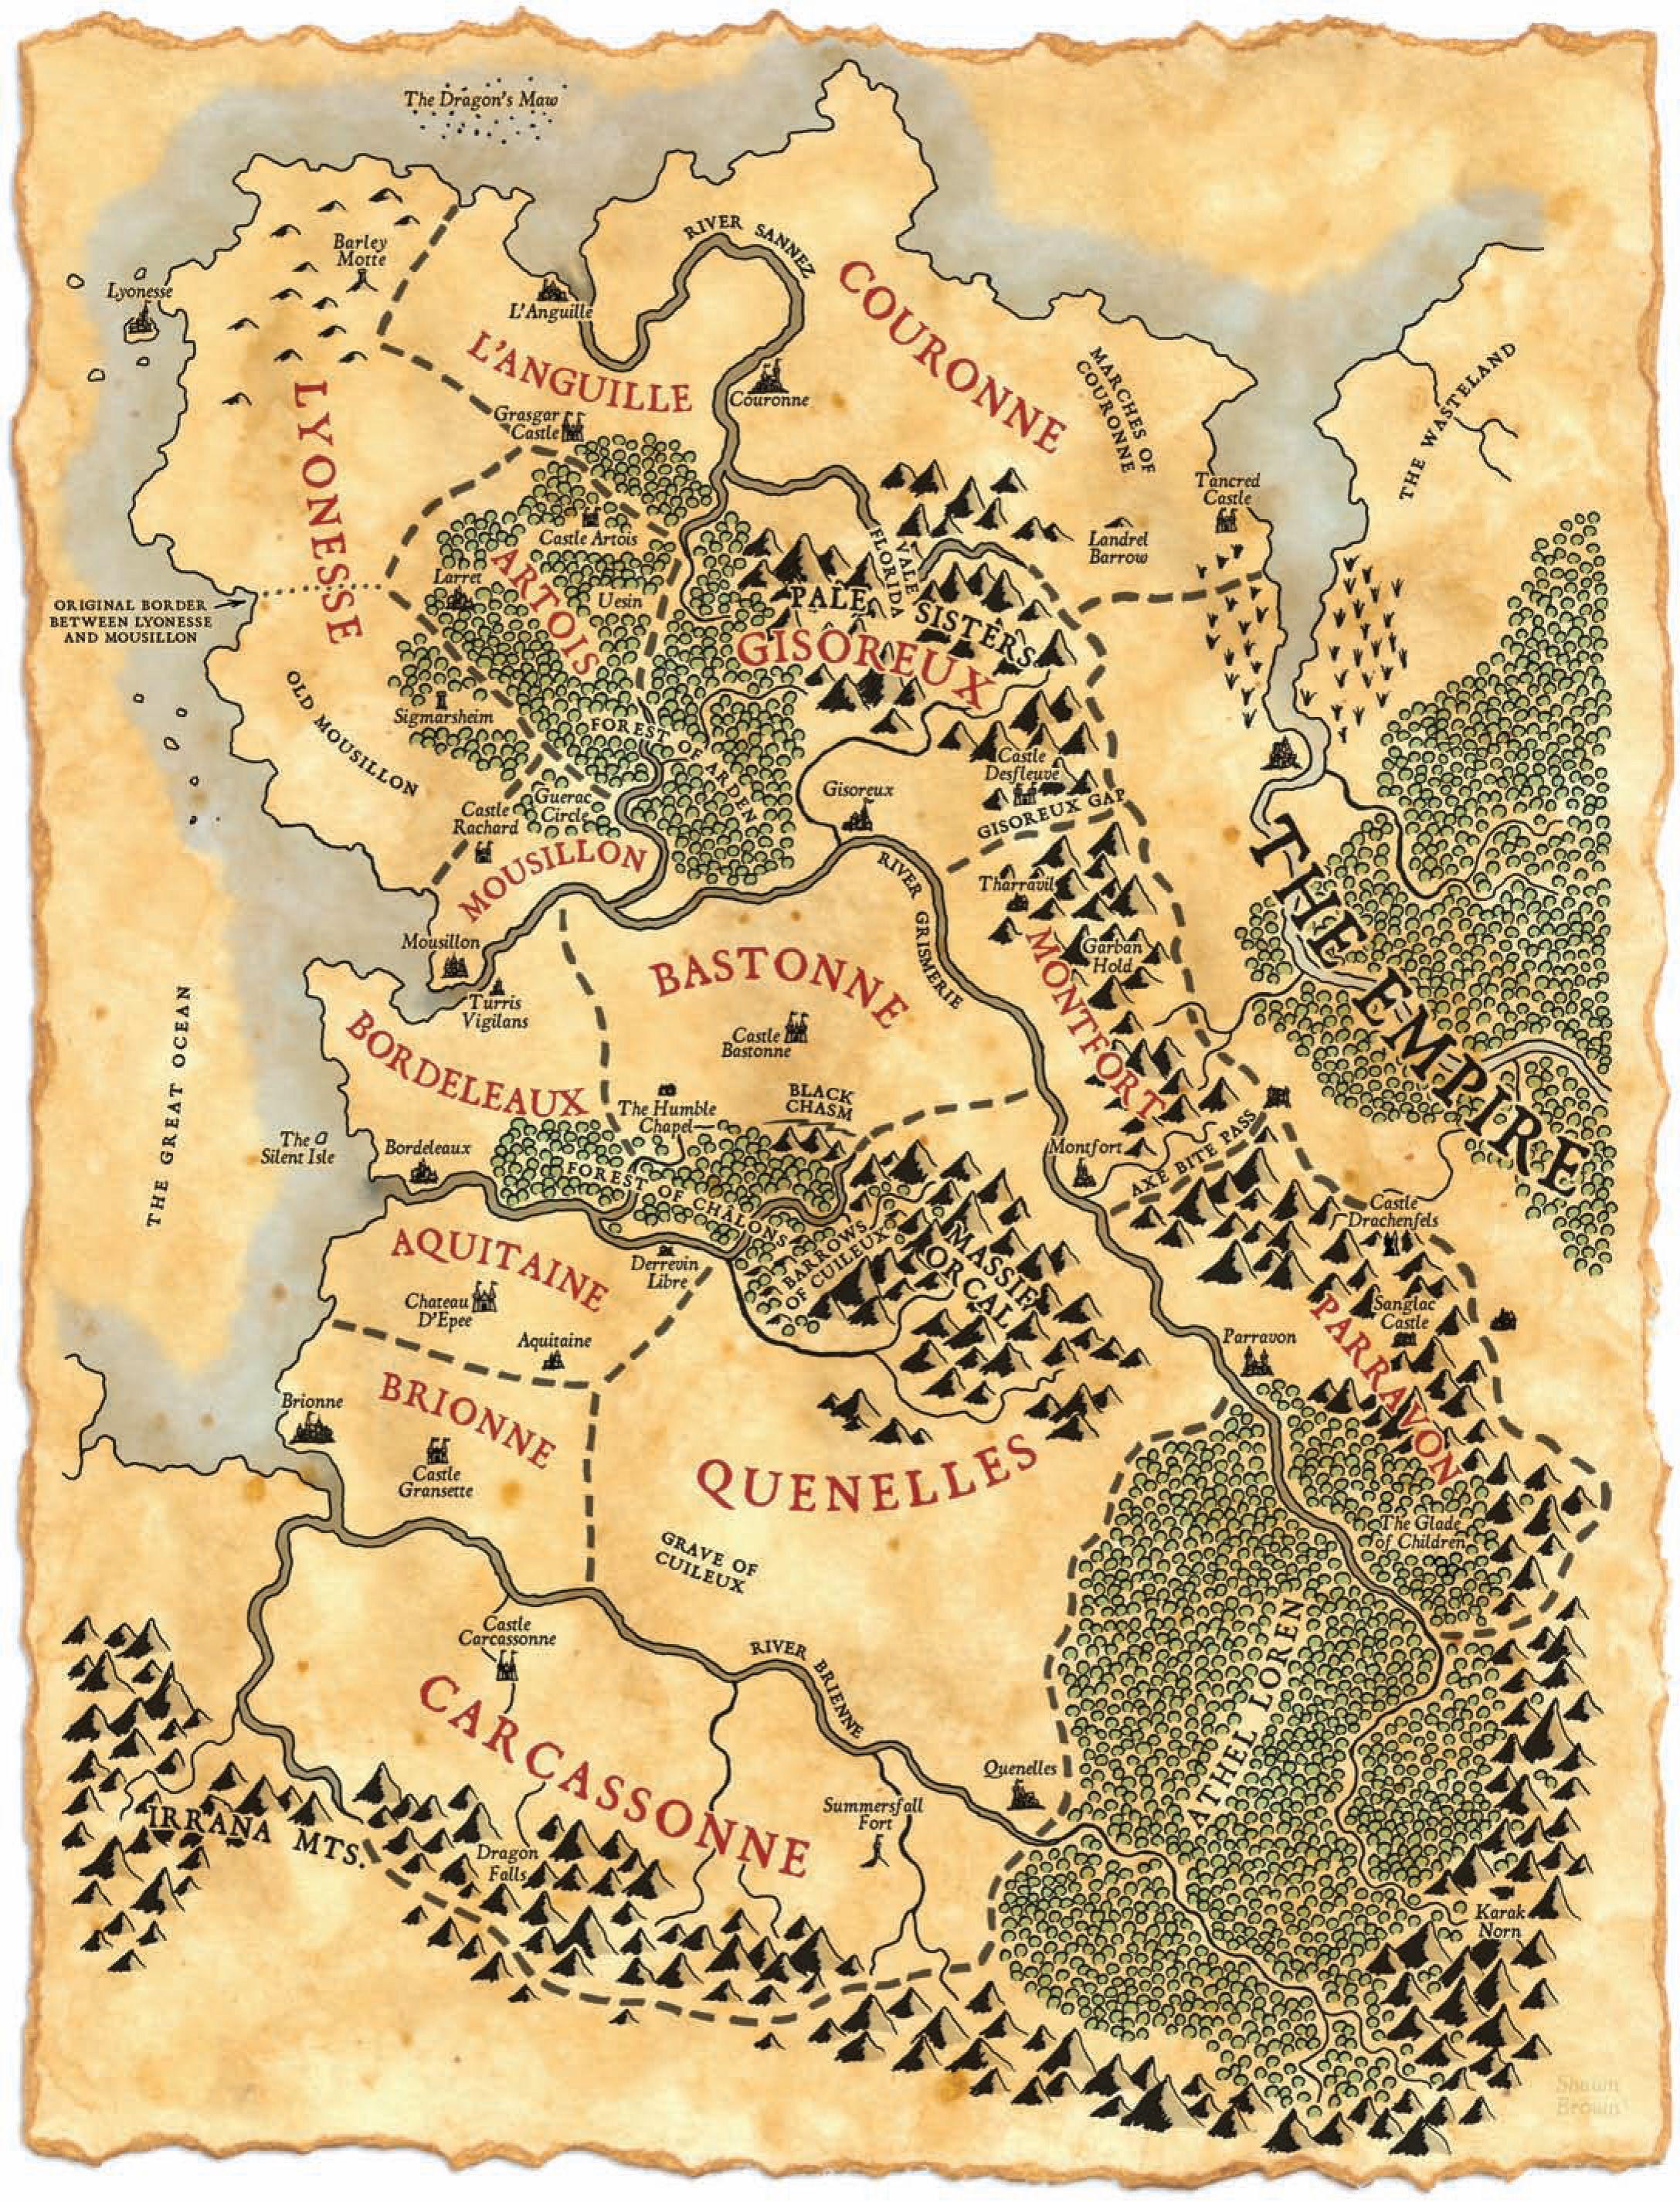 Warhammer Maps Fantasie Karte Fantasie Weltkarte Kartenkunst